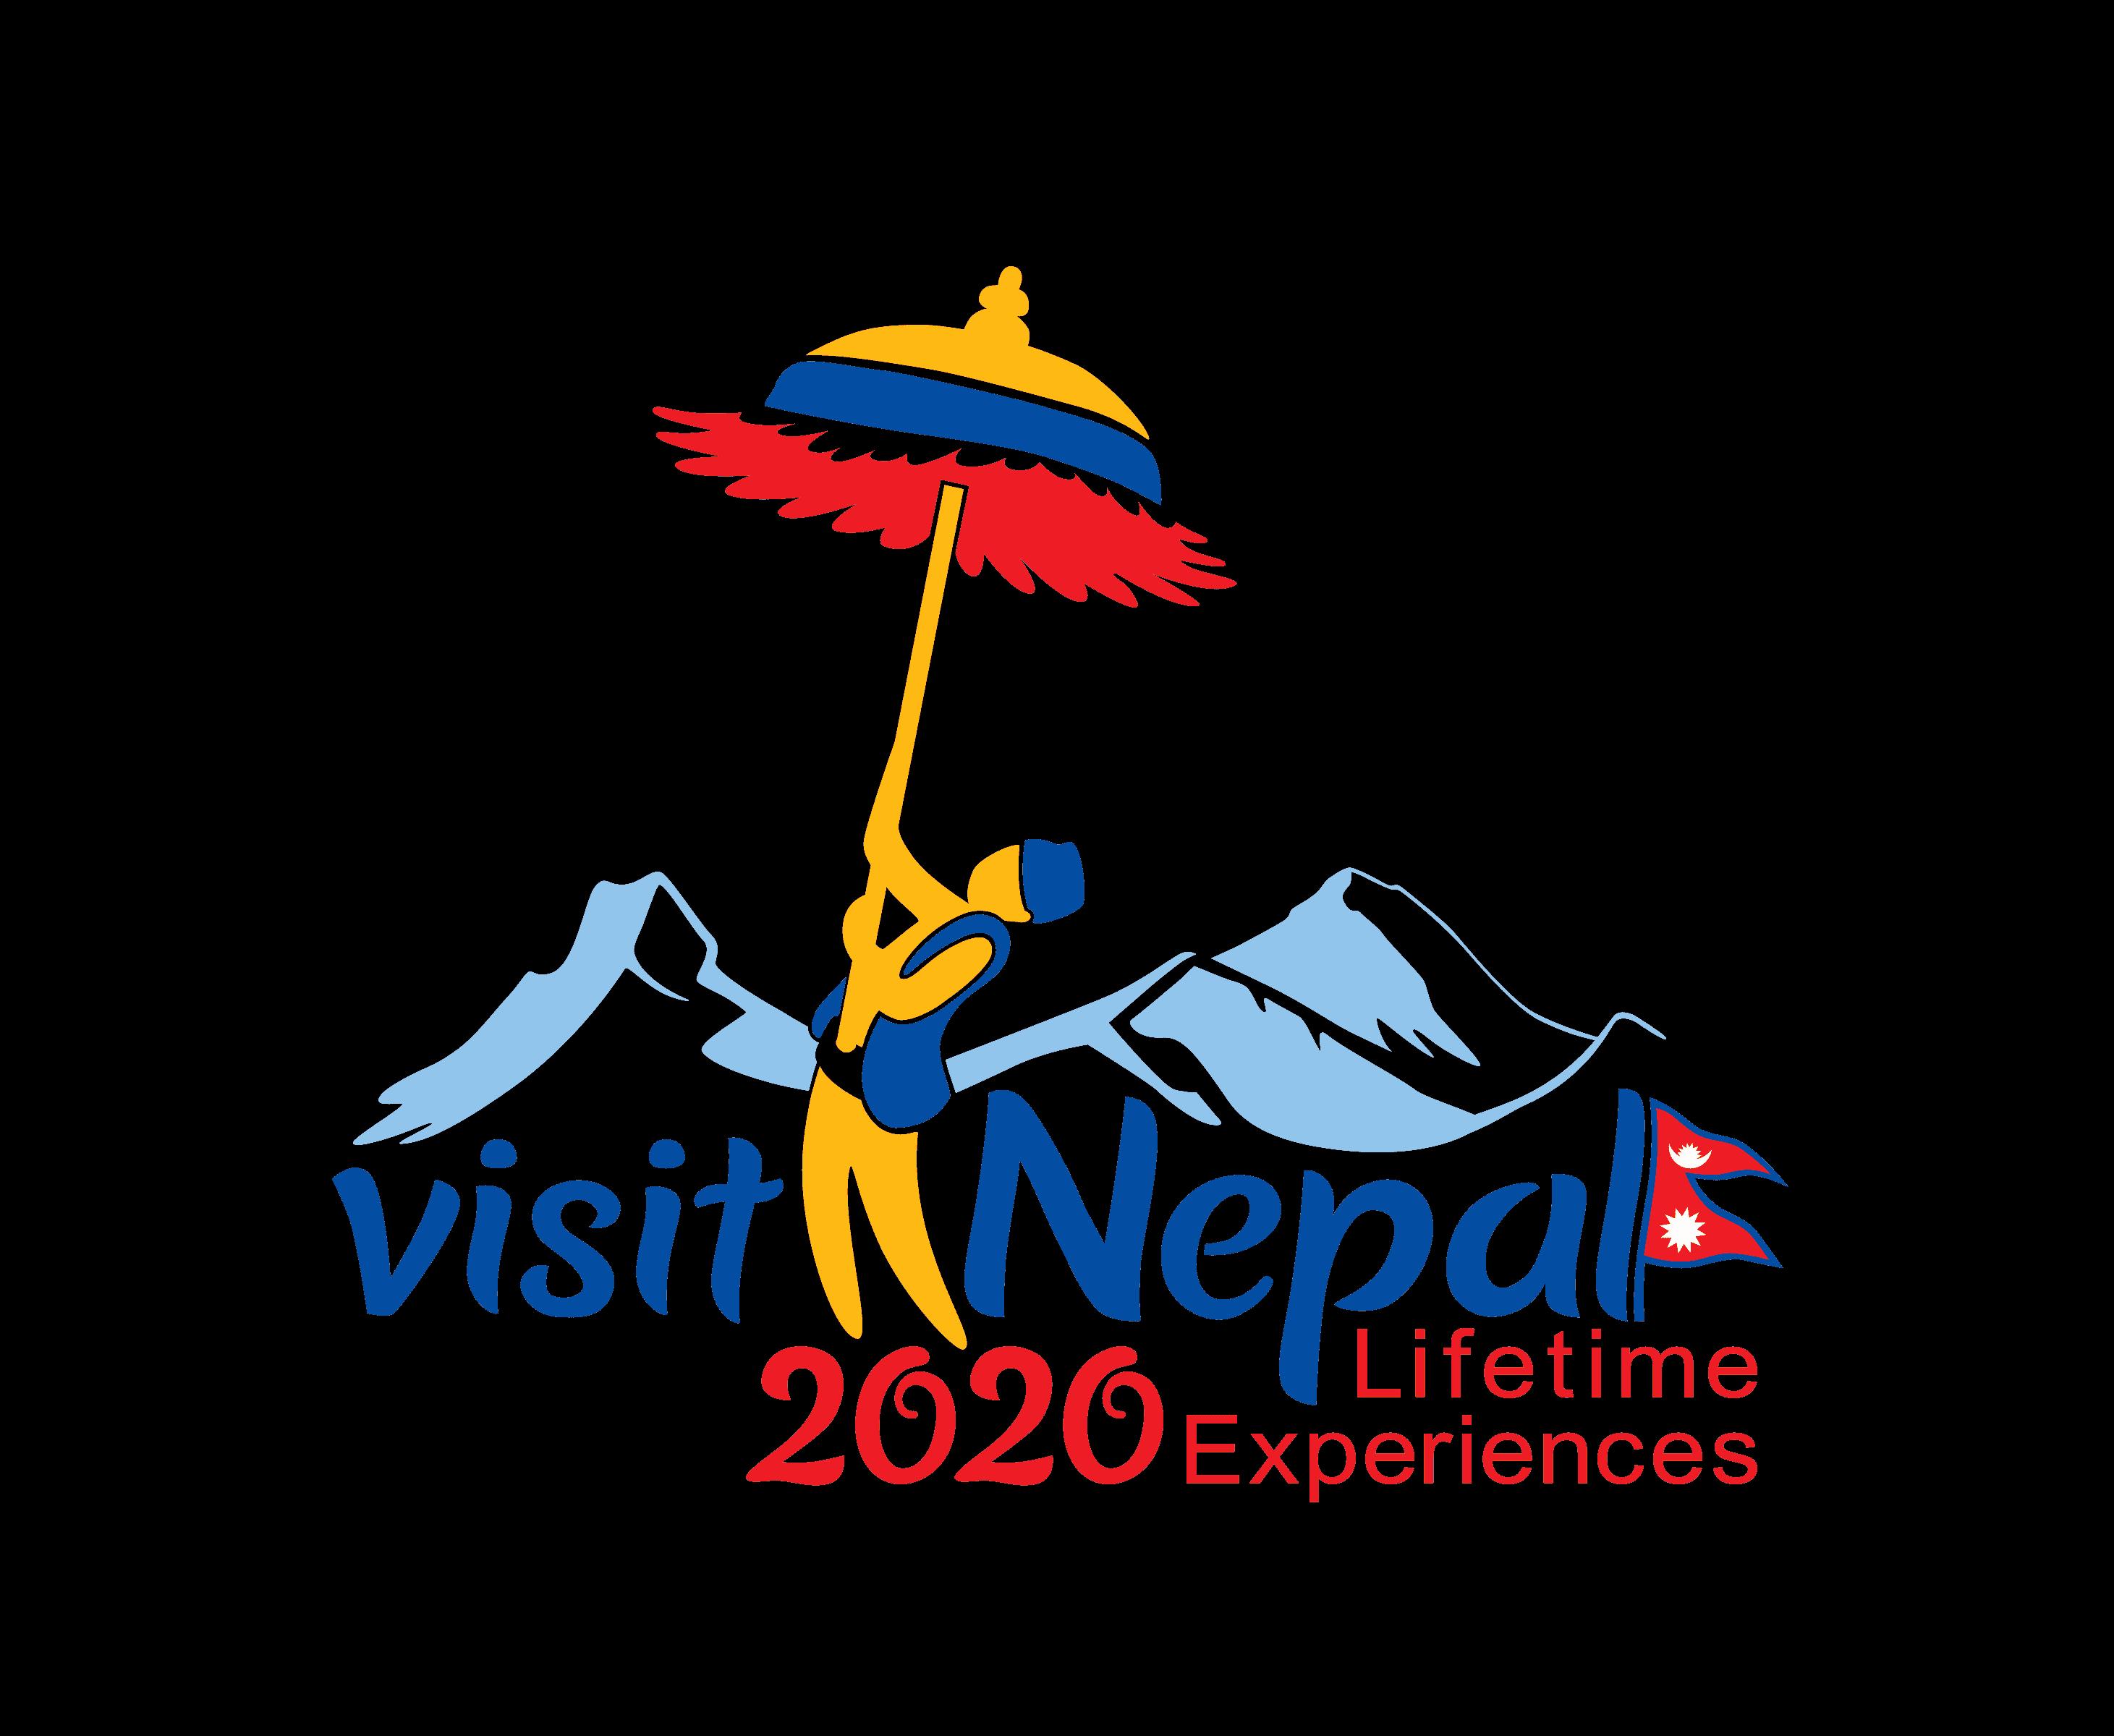 नेपाल भ्रमण वर्ष, २०२०